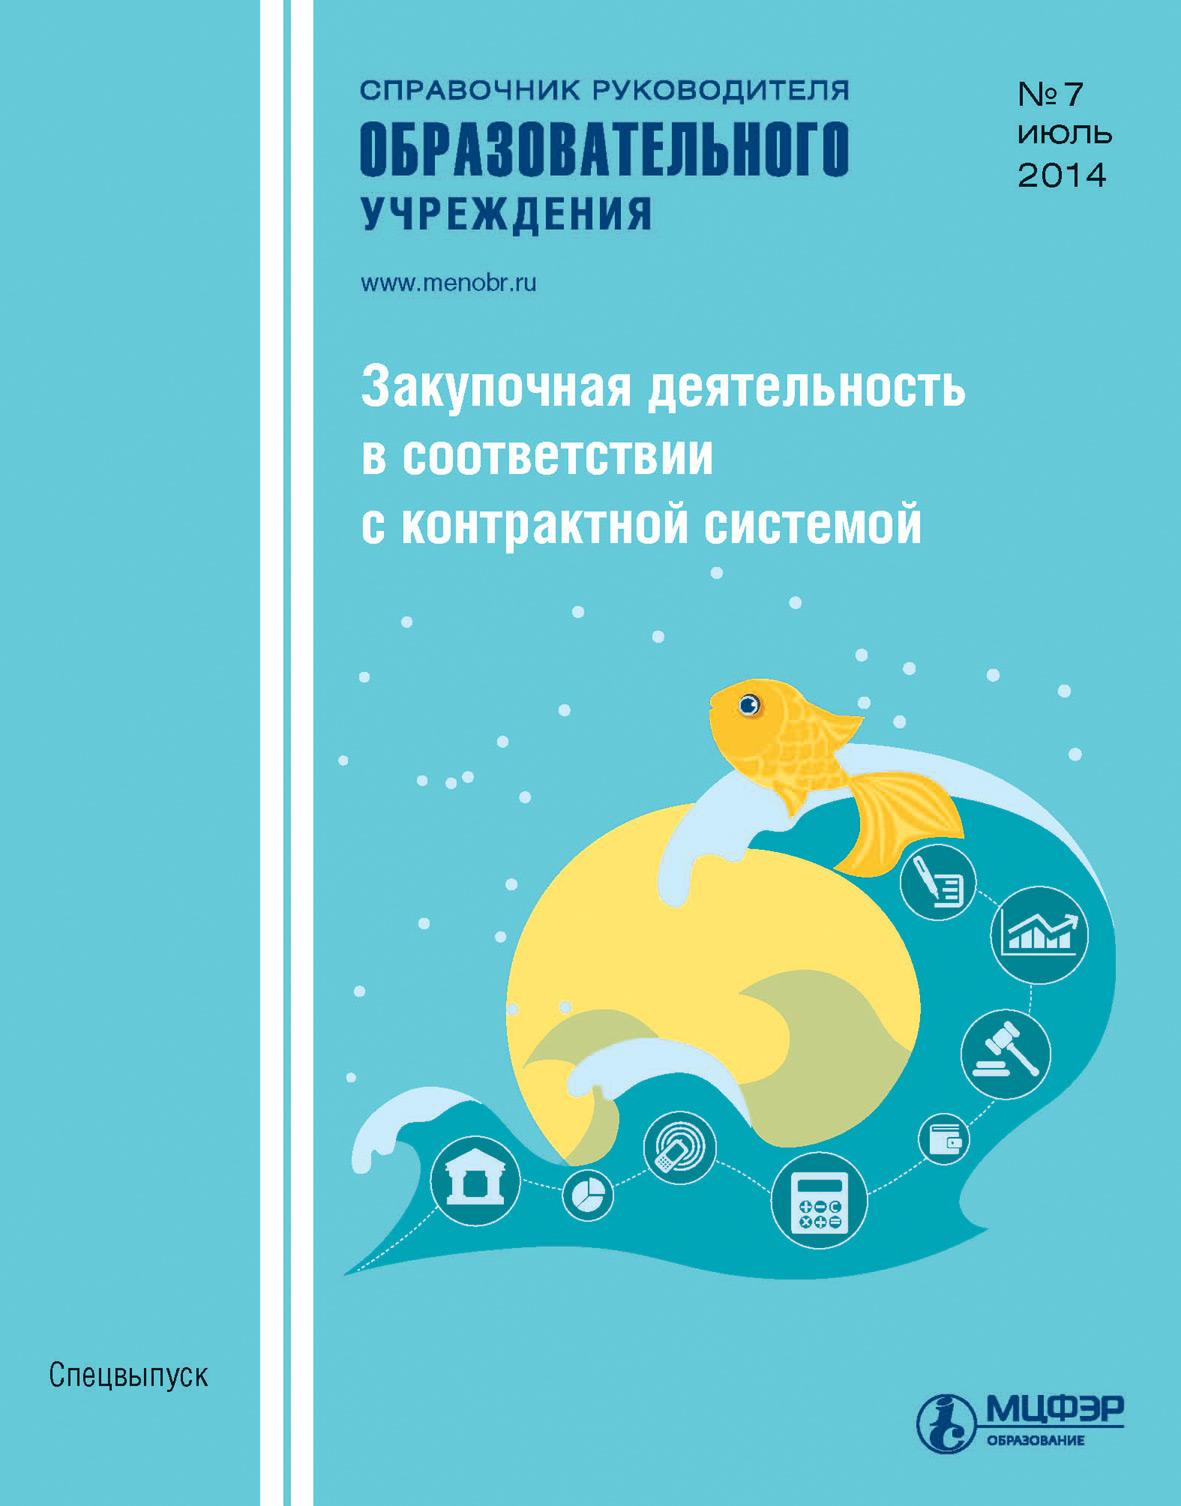 Отсутствует Справочник руководителя образовательного учреждения № 7 2014